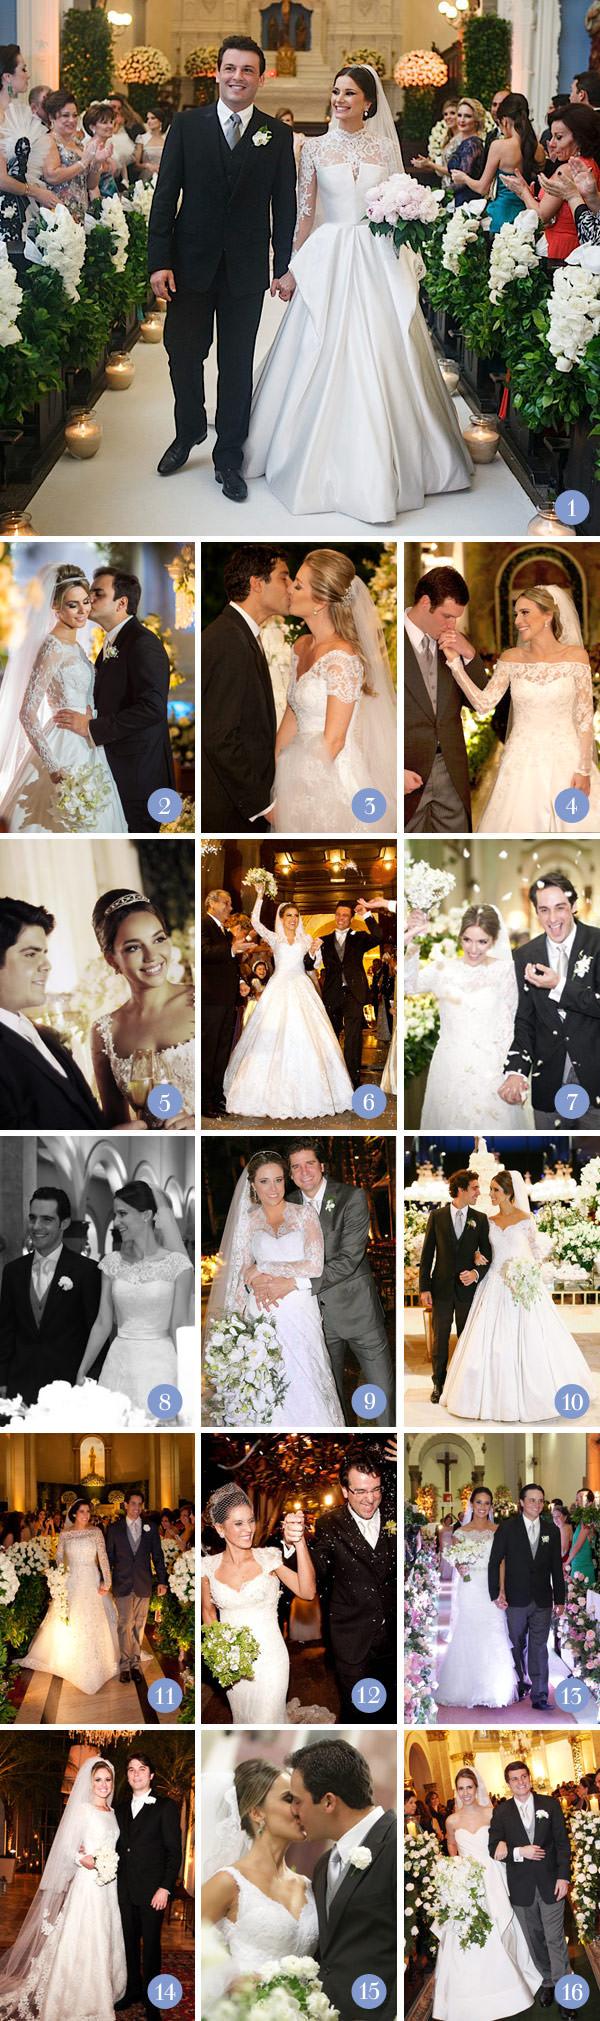 Retrospectiva 2013: Casamentos clássicos